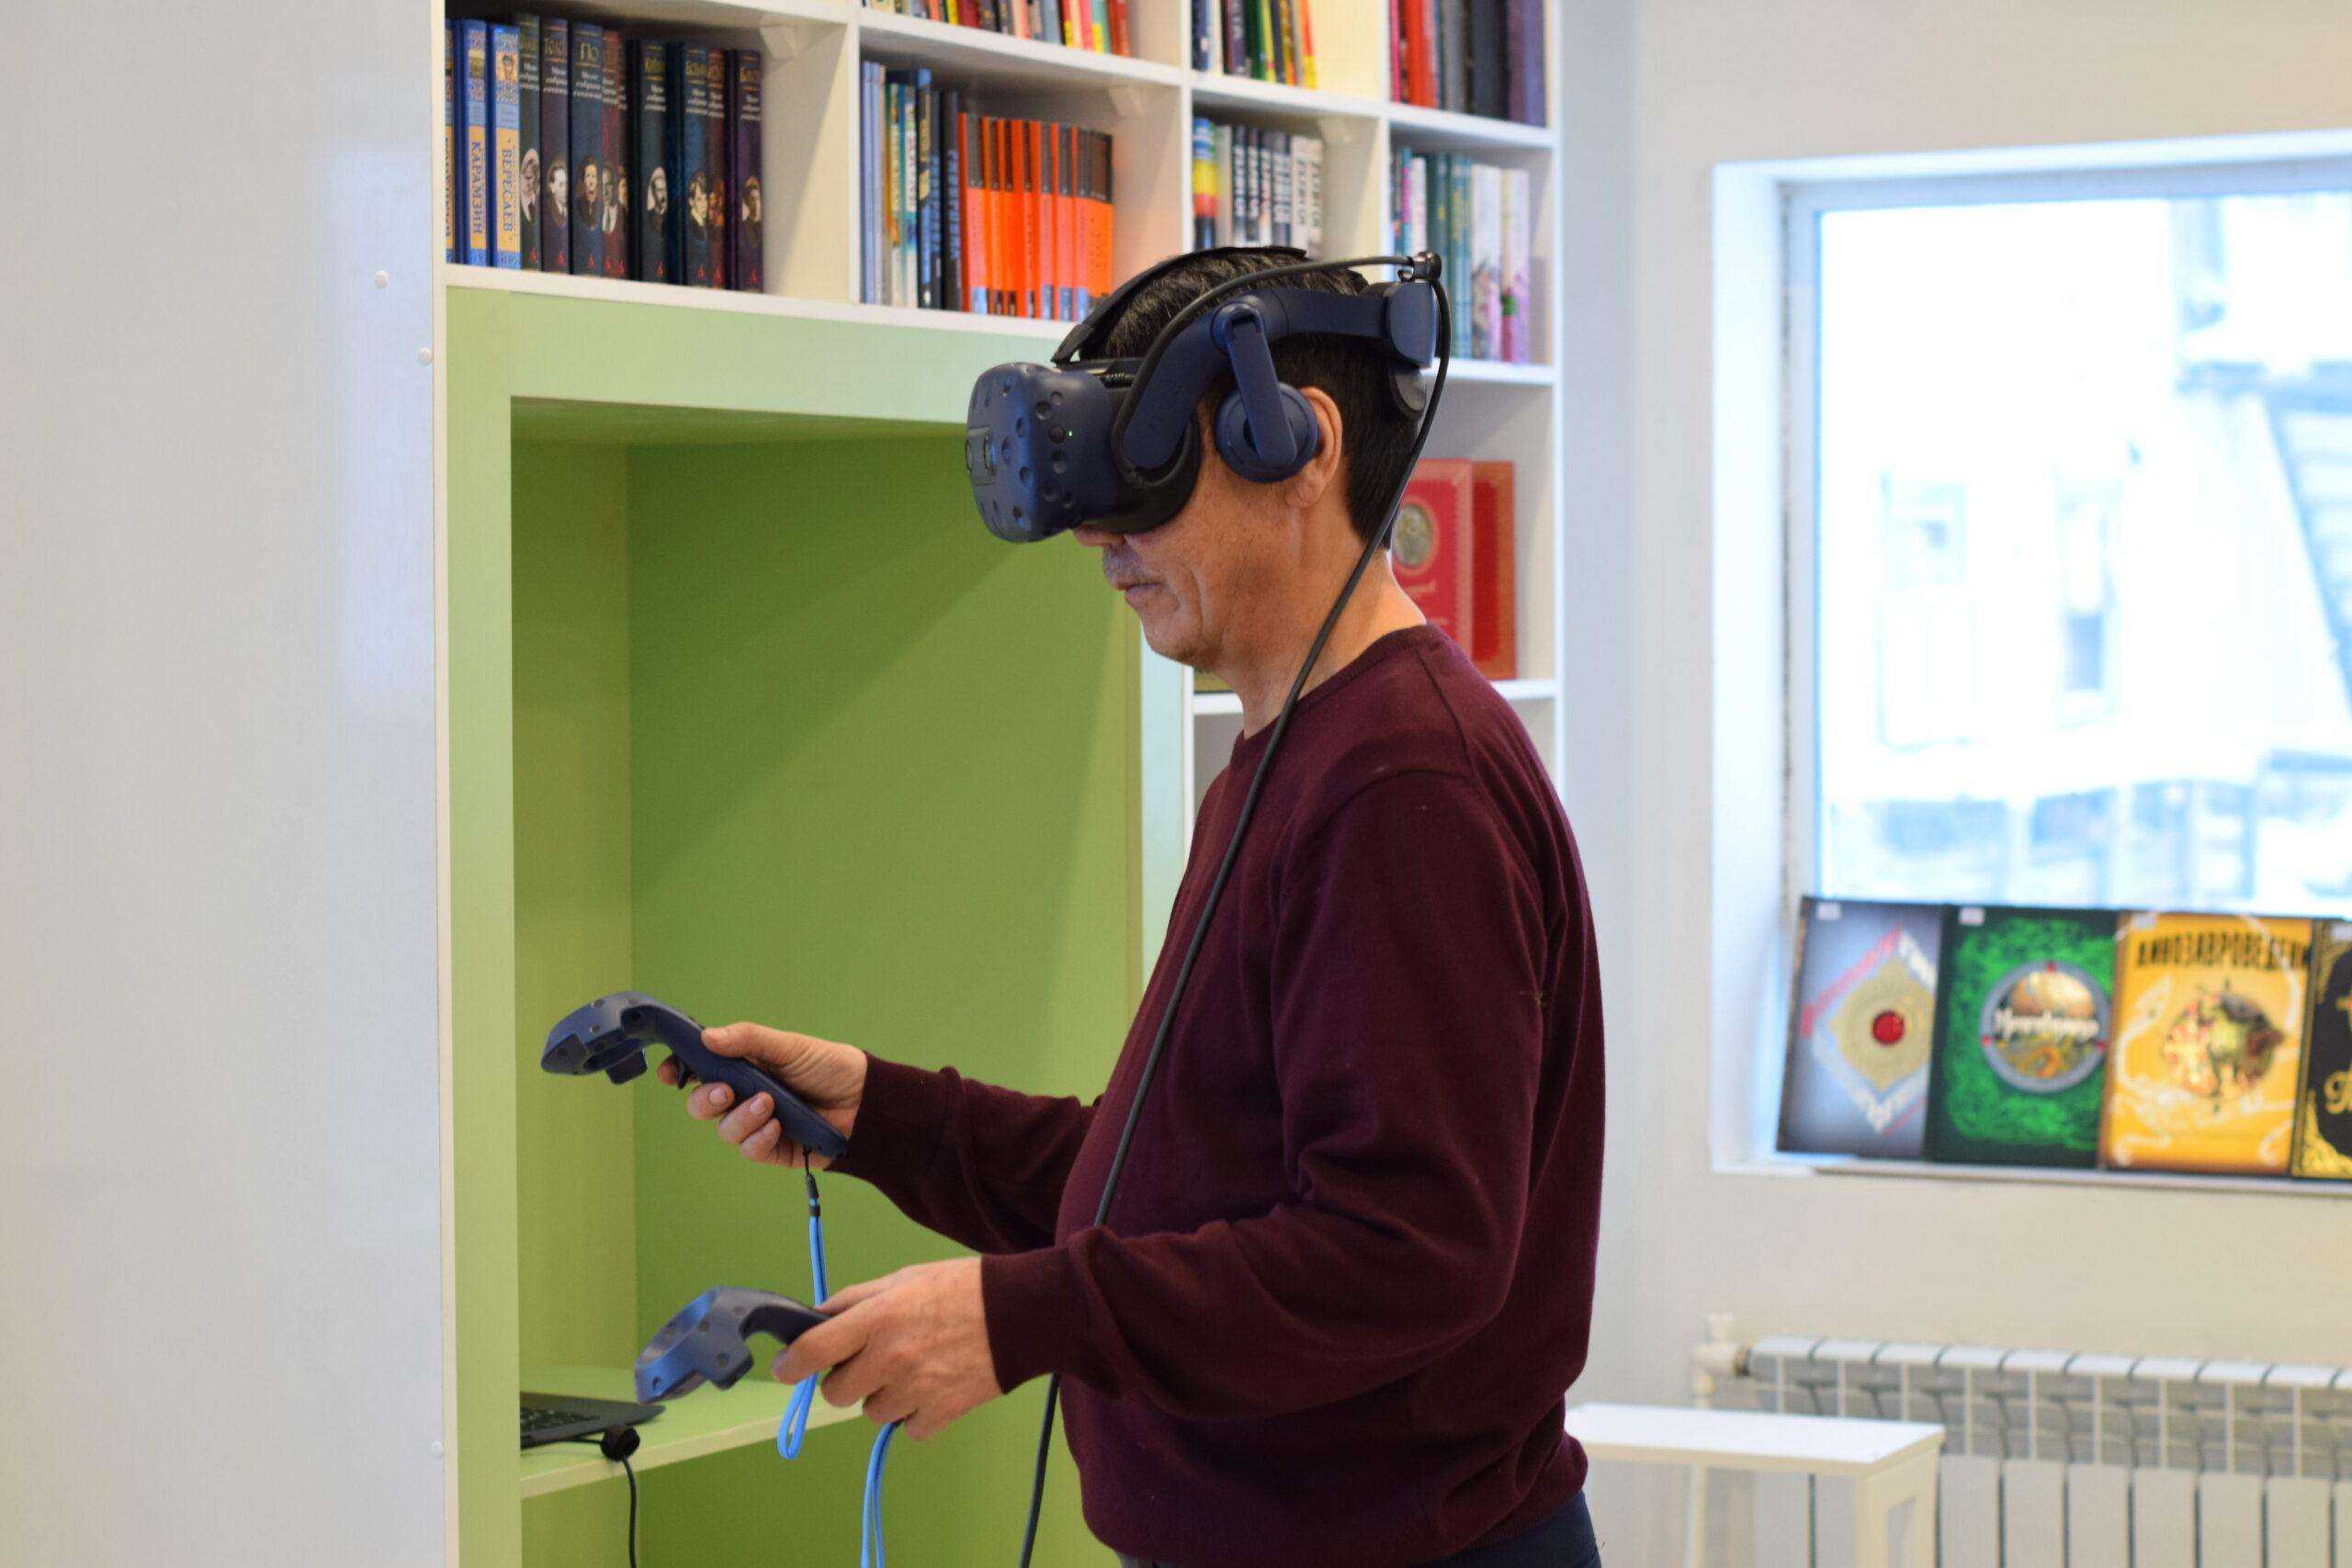 «Завидуем нашим читателям». В Якутии открылись еще три модельные библиотеки в рамках нацпроекта «Культура»